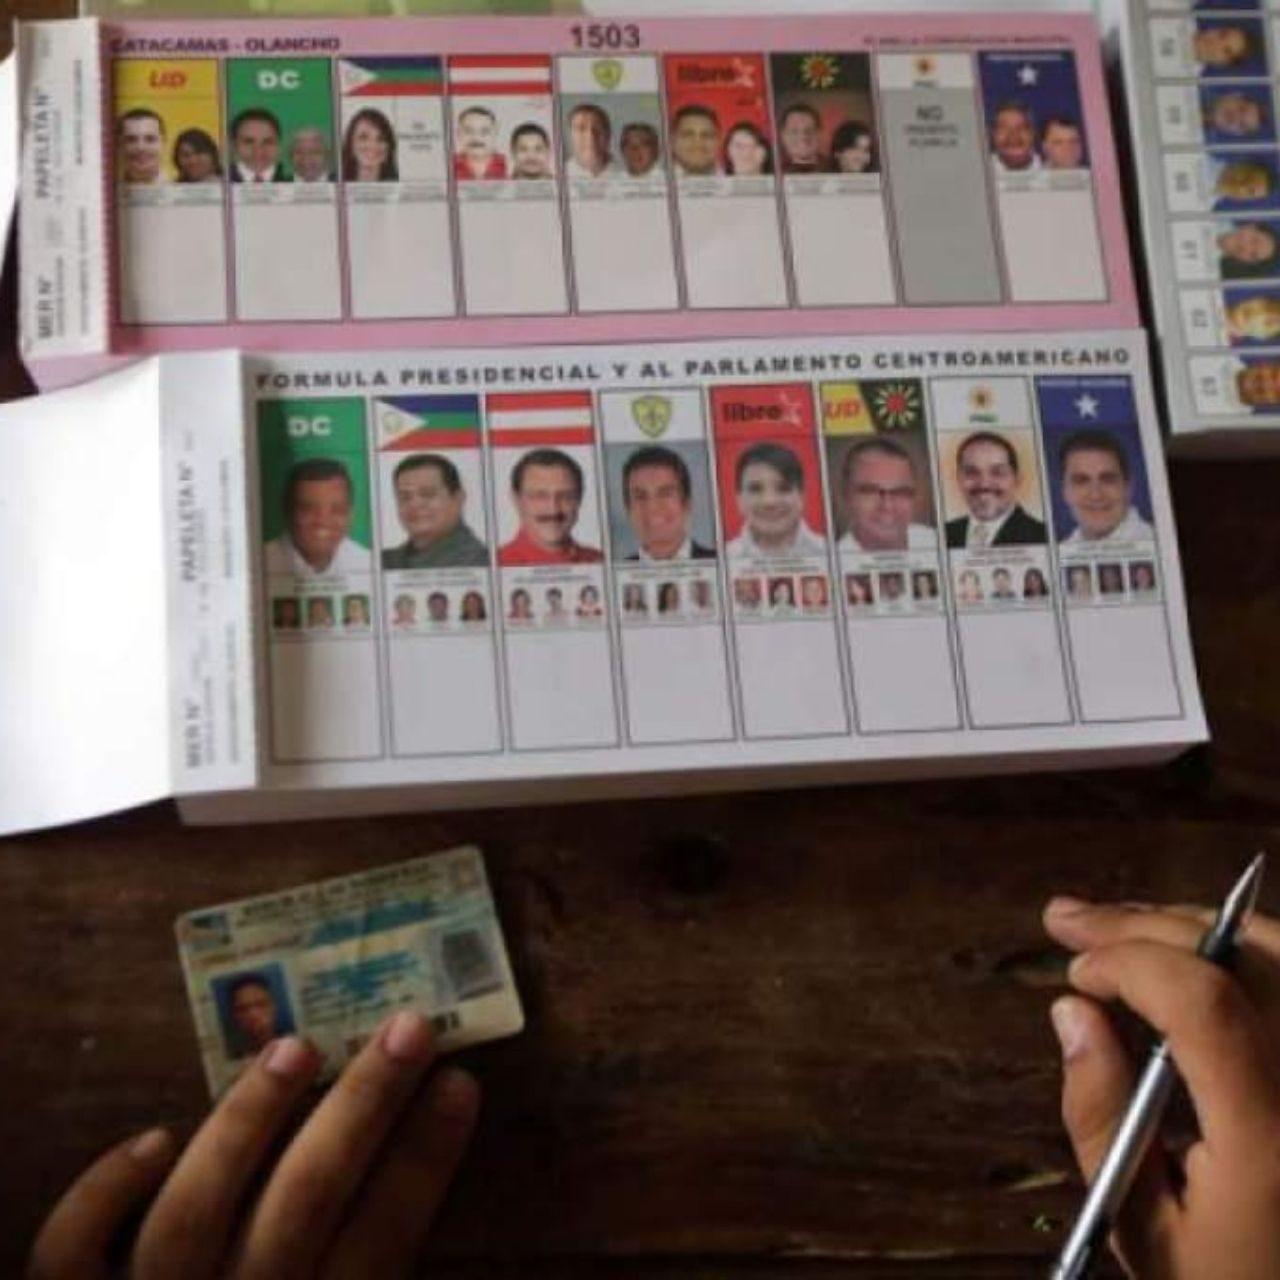 La misma historia de siempre con las reformas electorales